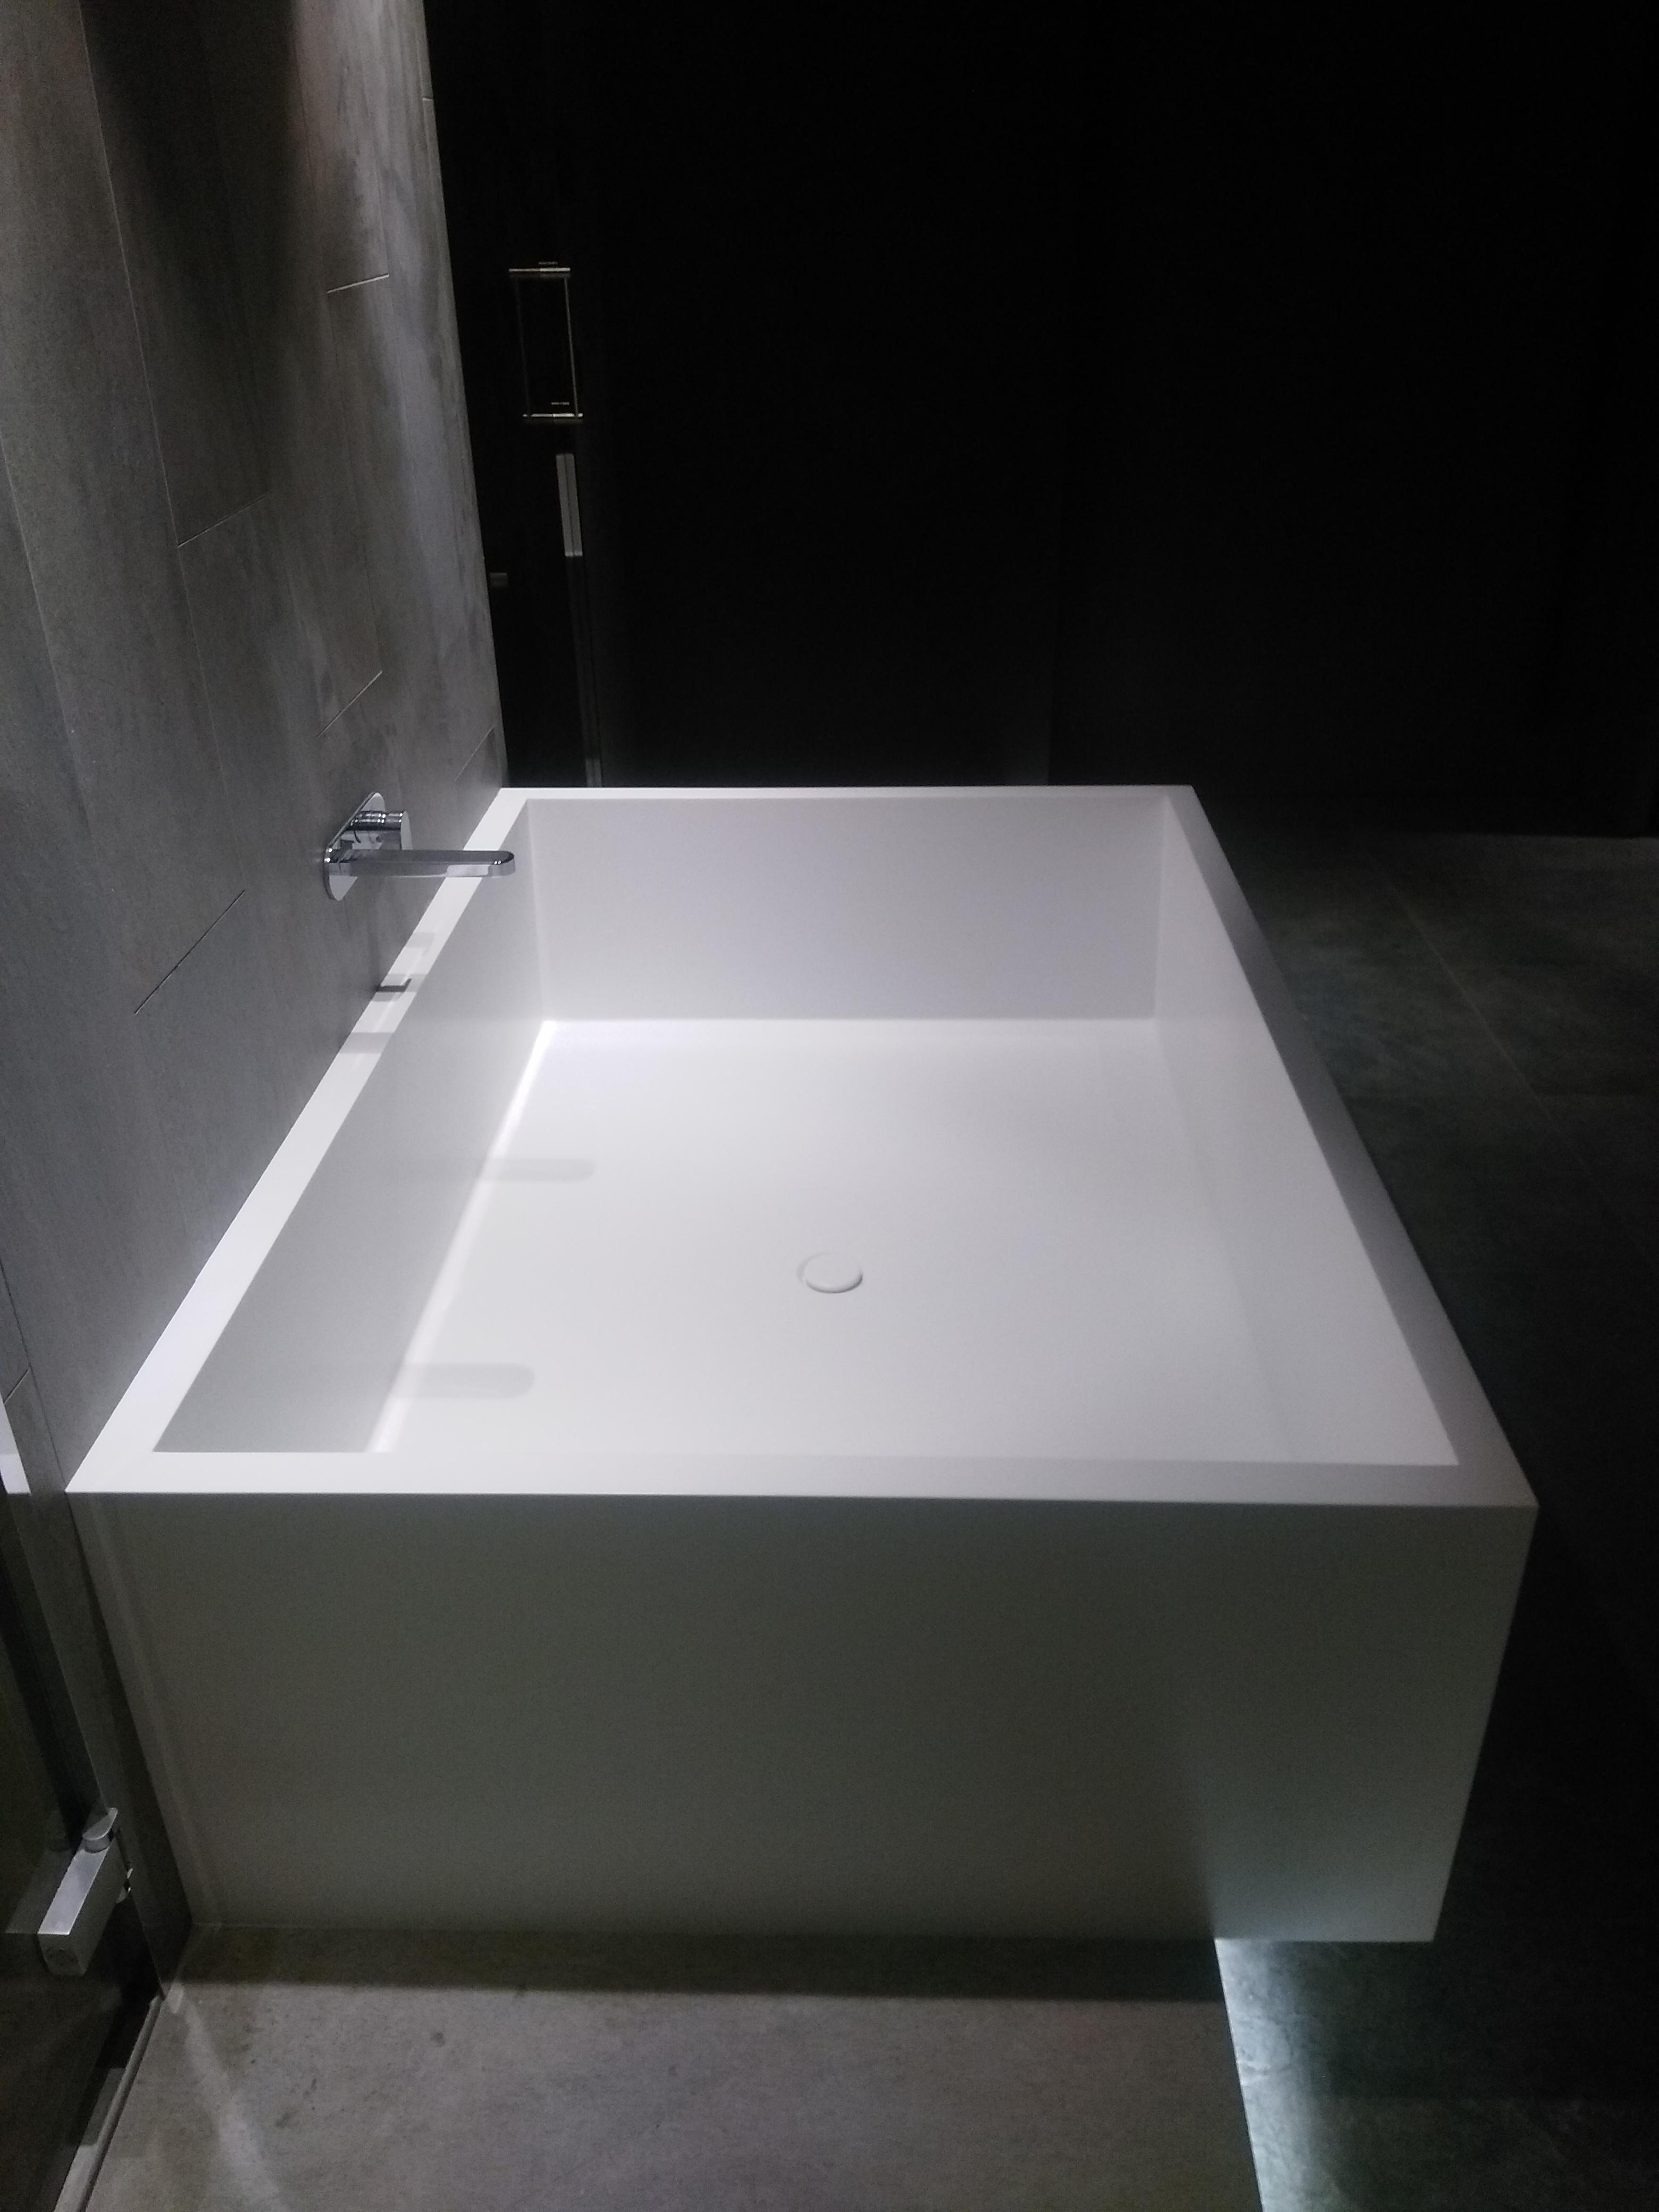 Salle De Bain Japonaise France salle de bains - manufacture contemporaine bois & corian